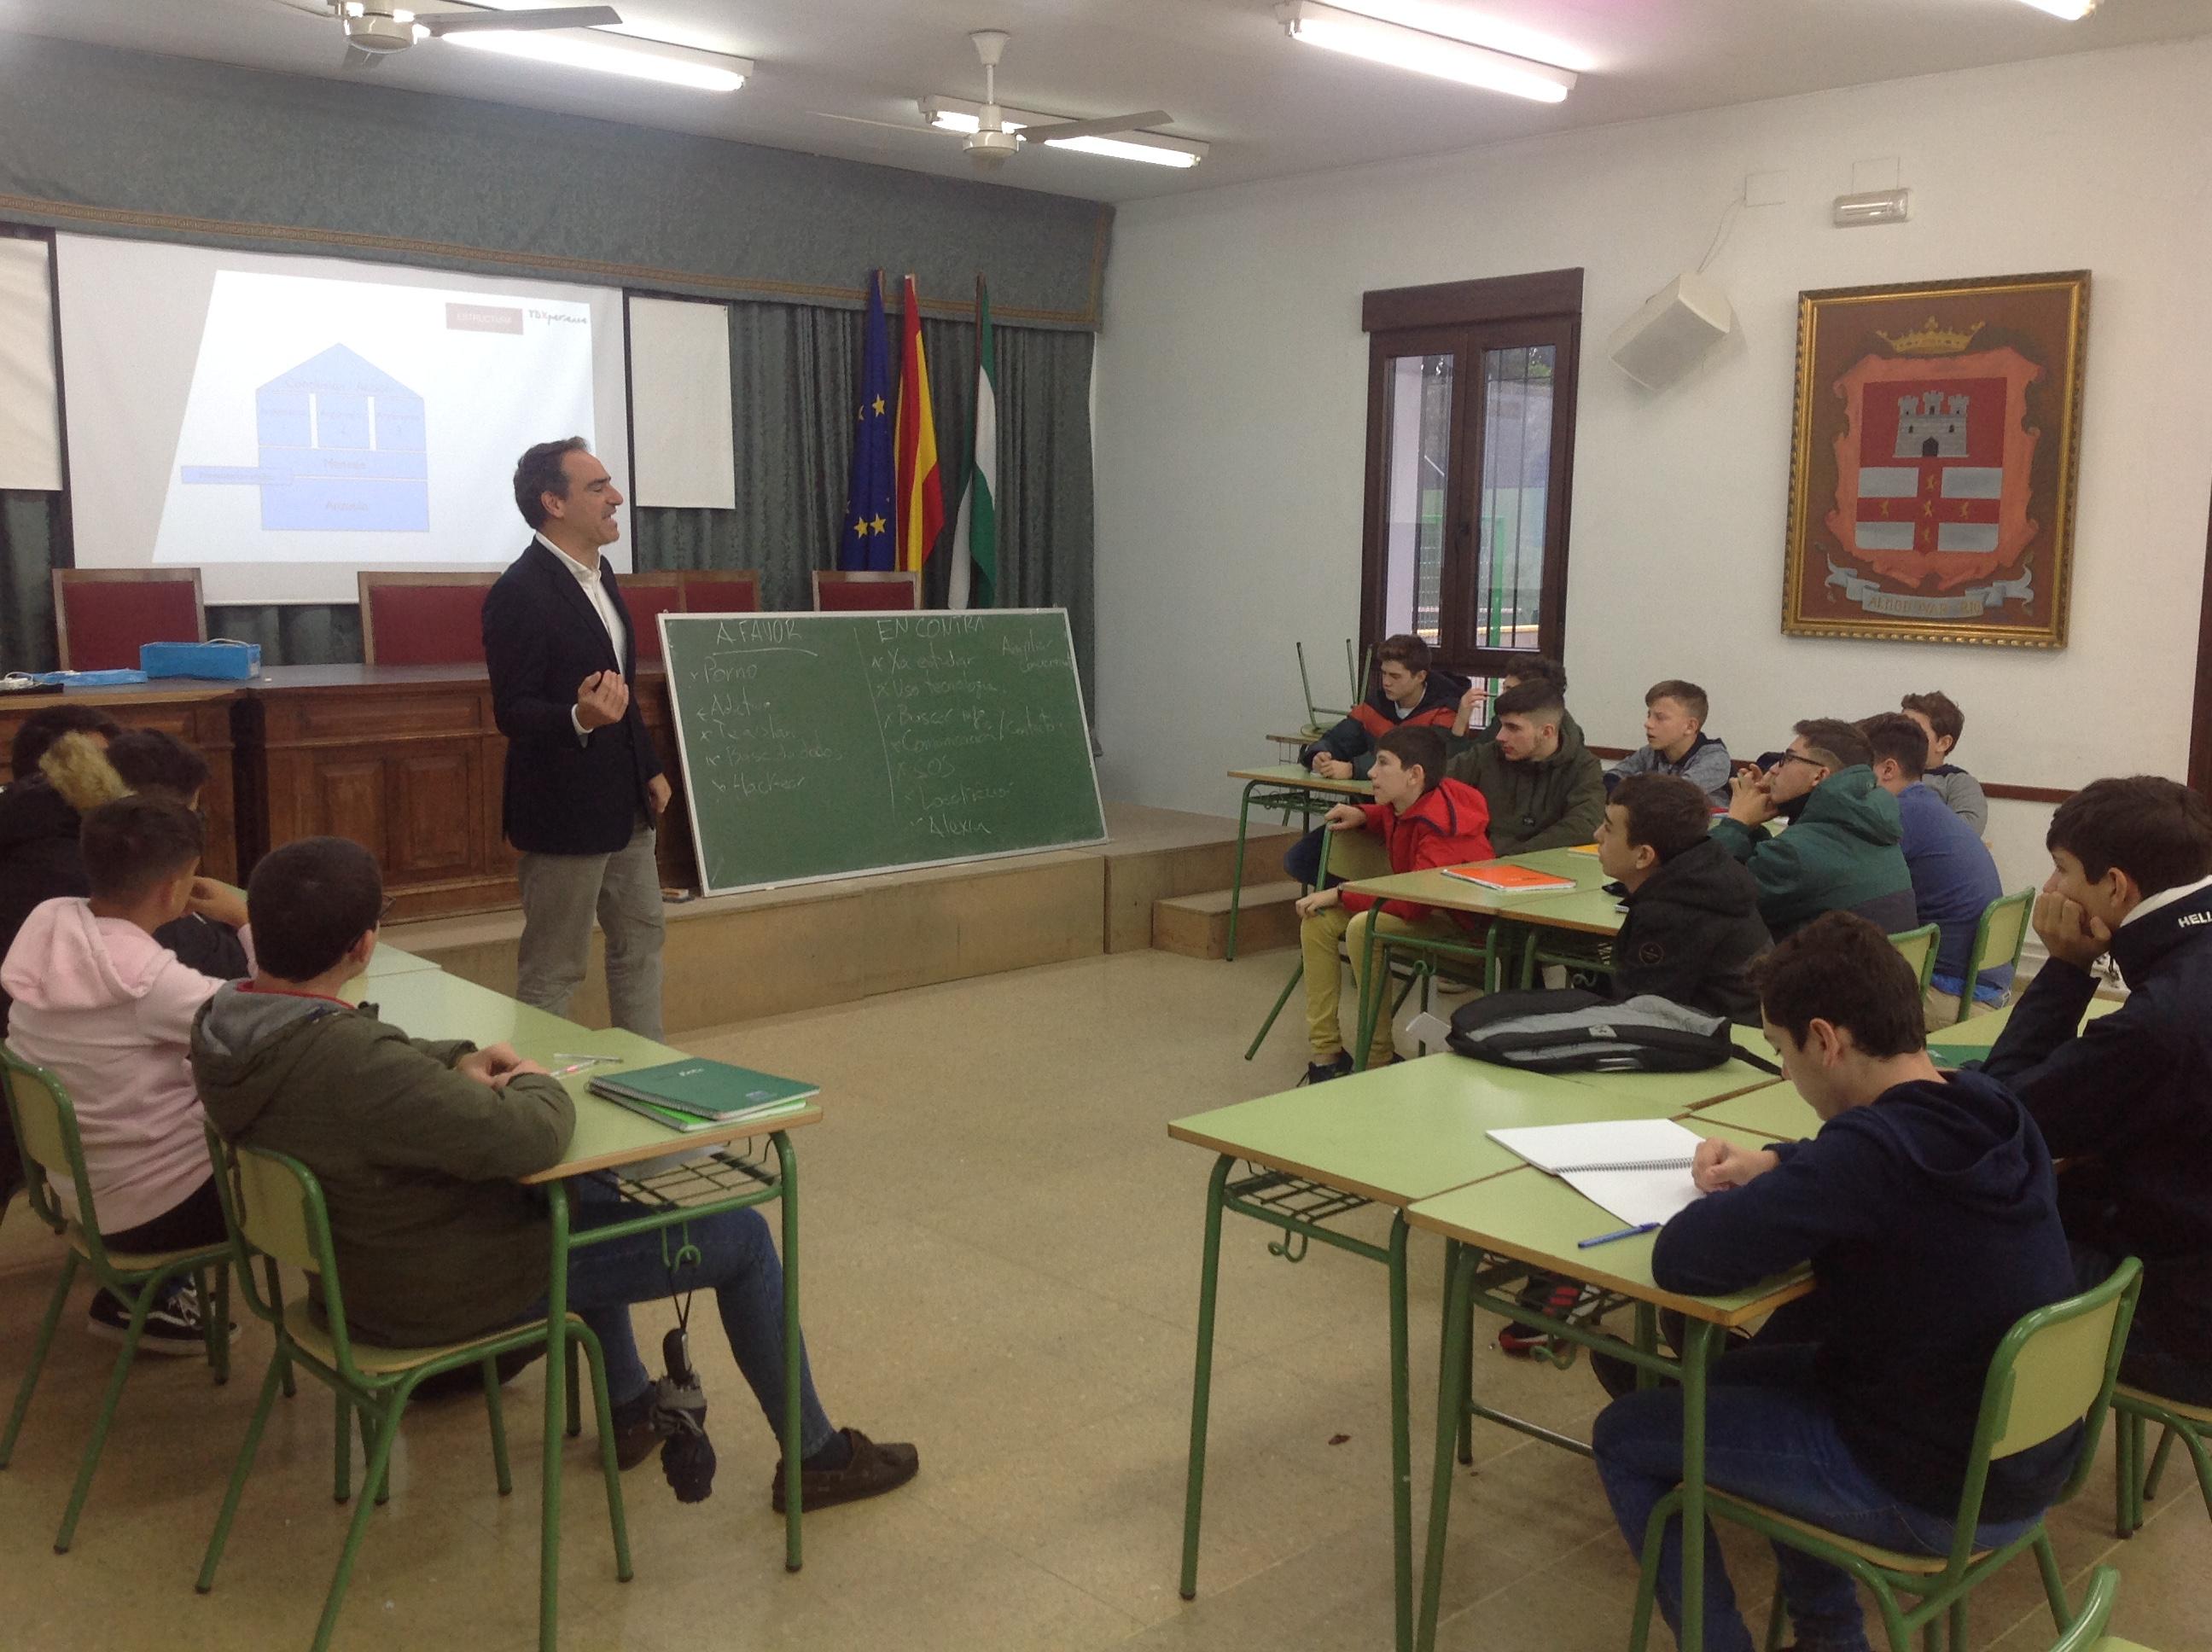 Turno para los alumnos de 2º y 3º de ESO en el curso de oratoria y debate